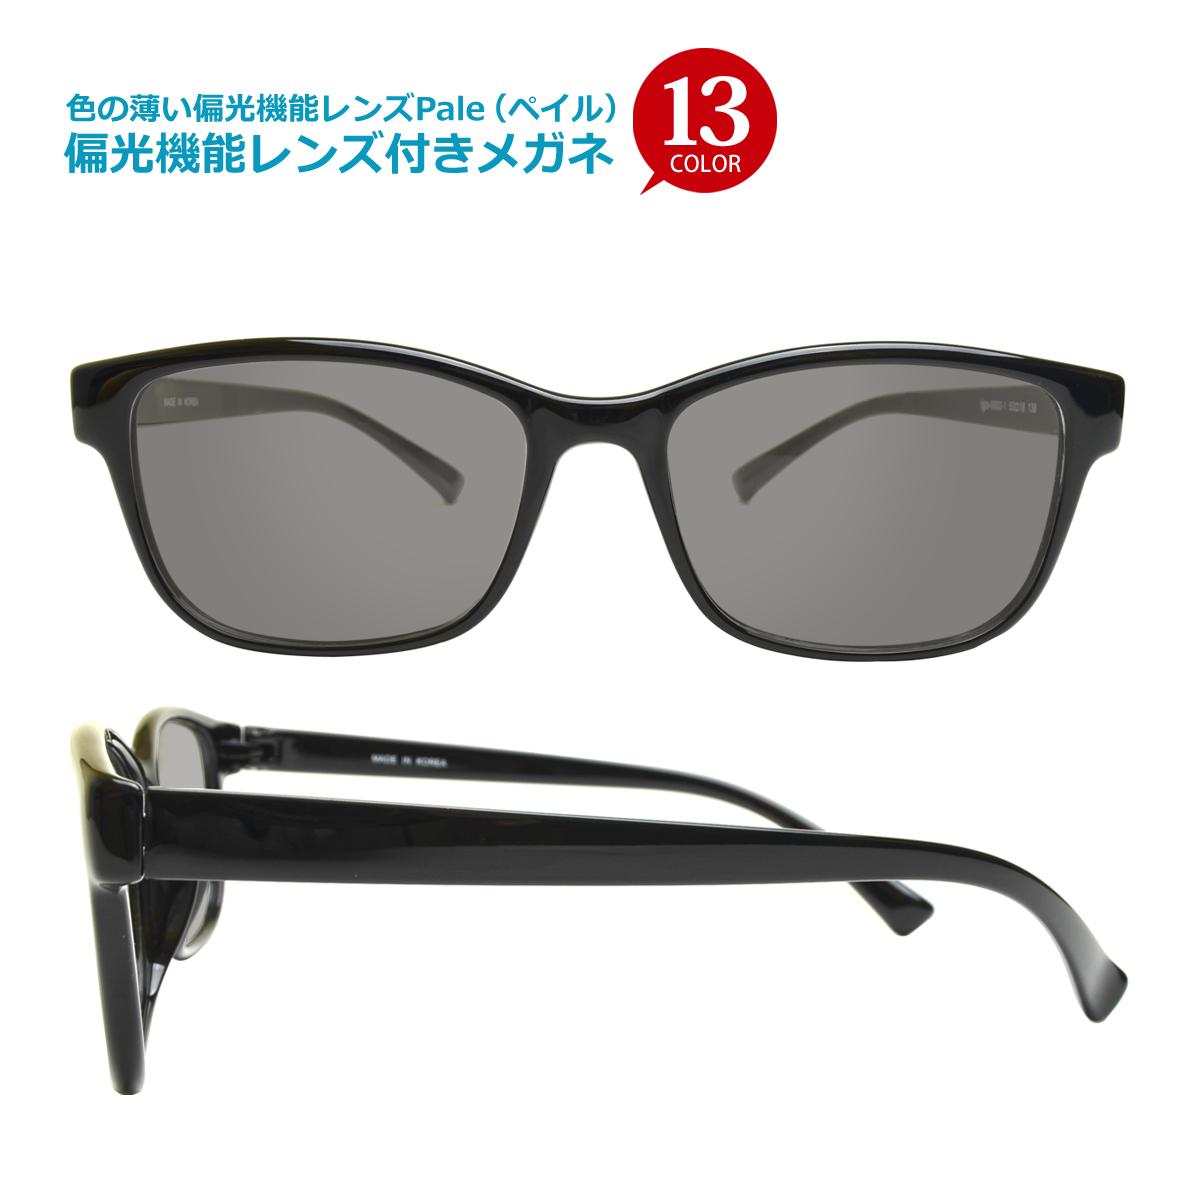 新作続 Made in Japanの技術が生んだ 色の薄い偏光機能レンズ 定番キャンバス 偏光機能レンズ付きメガネ 乱視対応 度入り Lune-0002 ウェリントン フレームタイプ